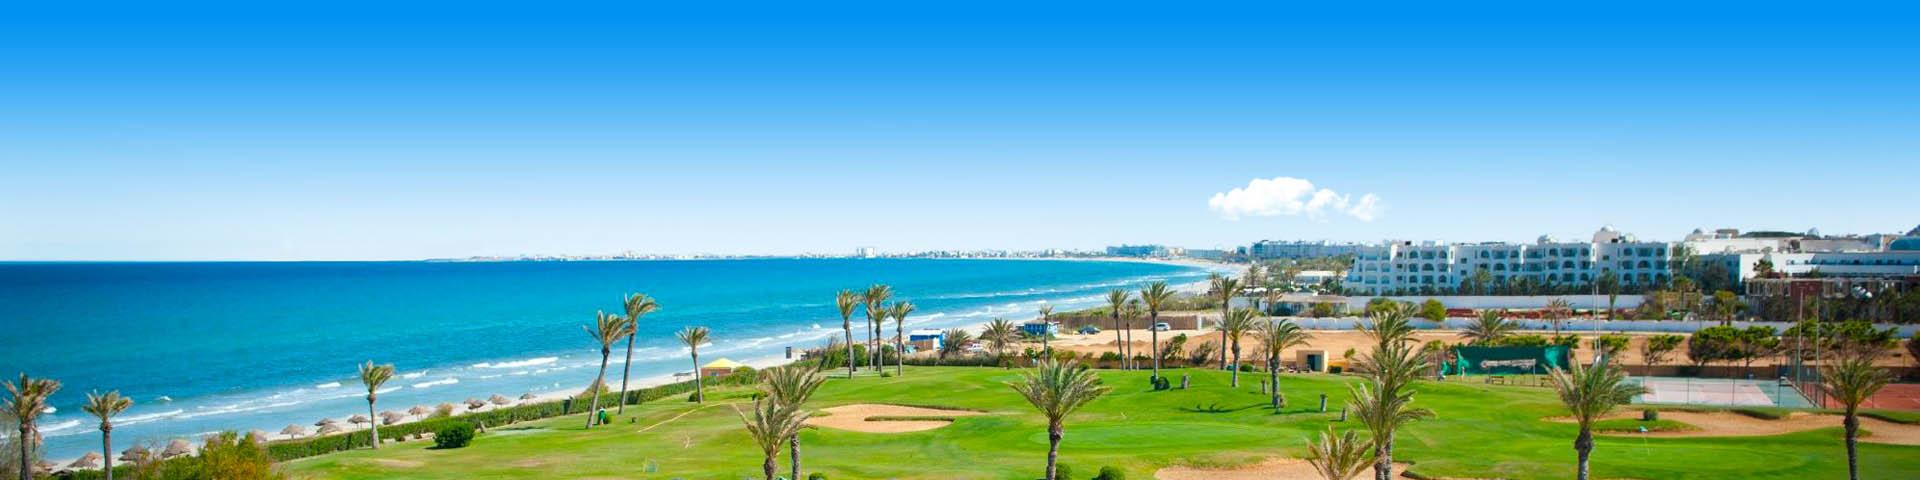 Kustlijn met blauwe zee, groene weide en hotels Golf van Hammamet